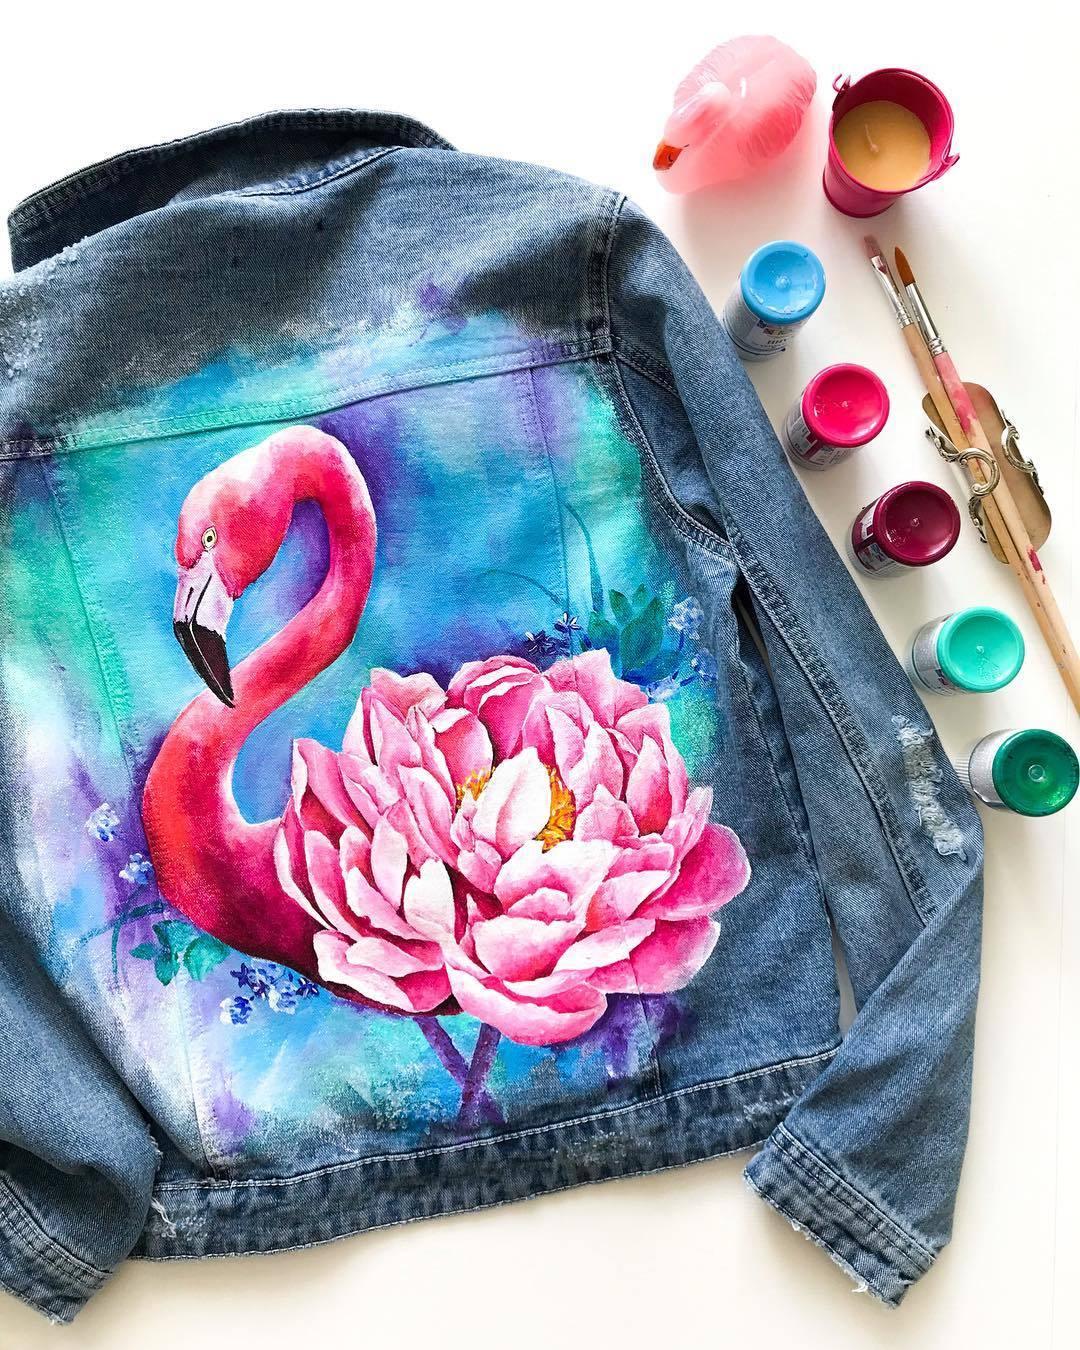 рисунок на джинсовой куртке акриловыми красками эффектно